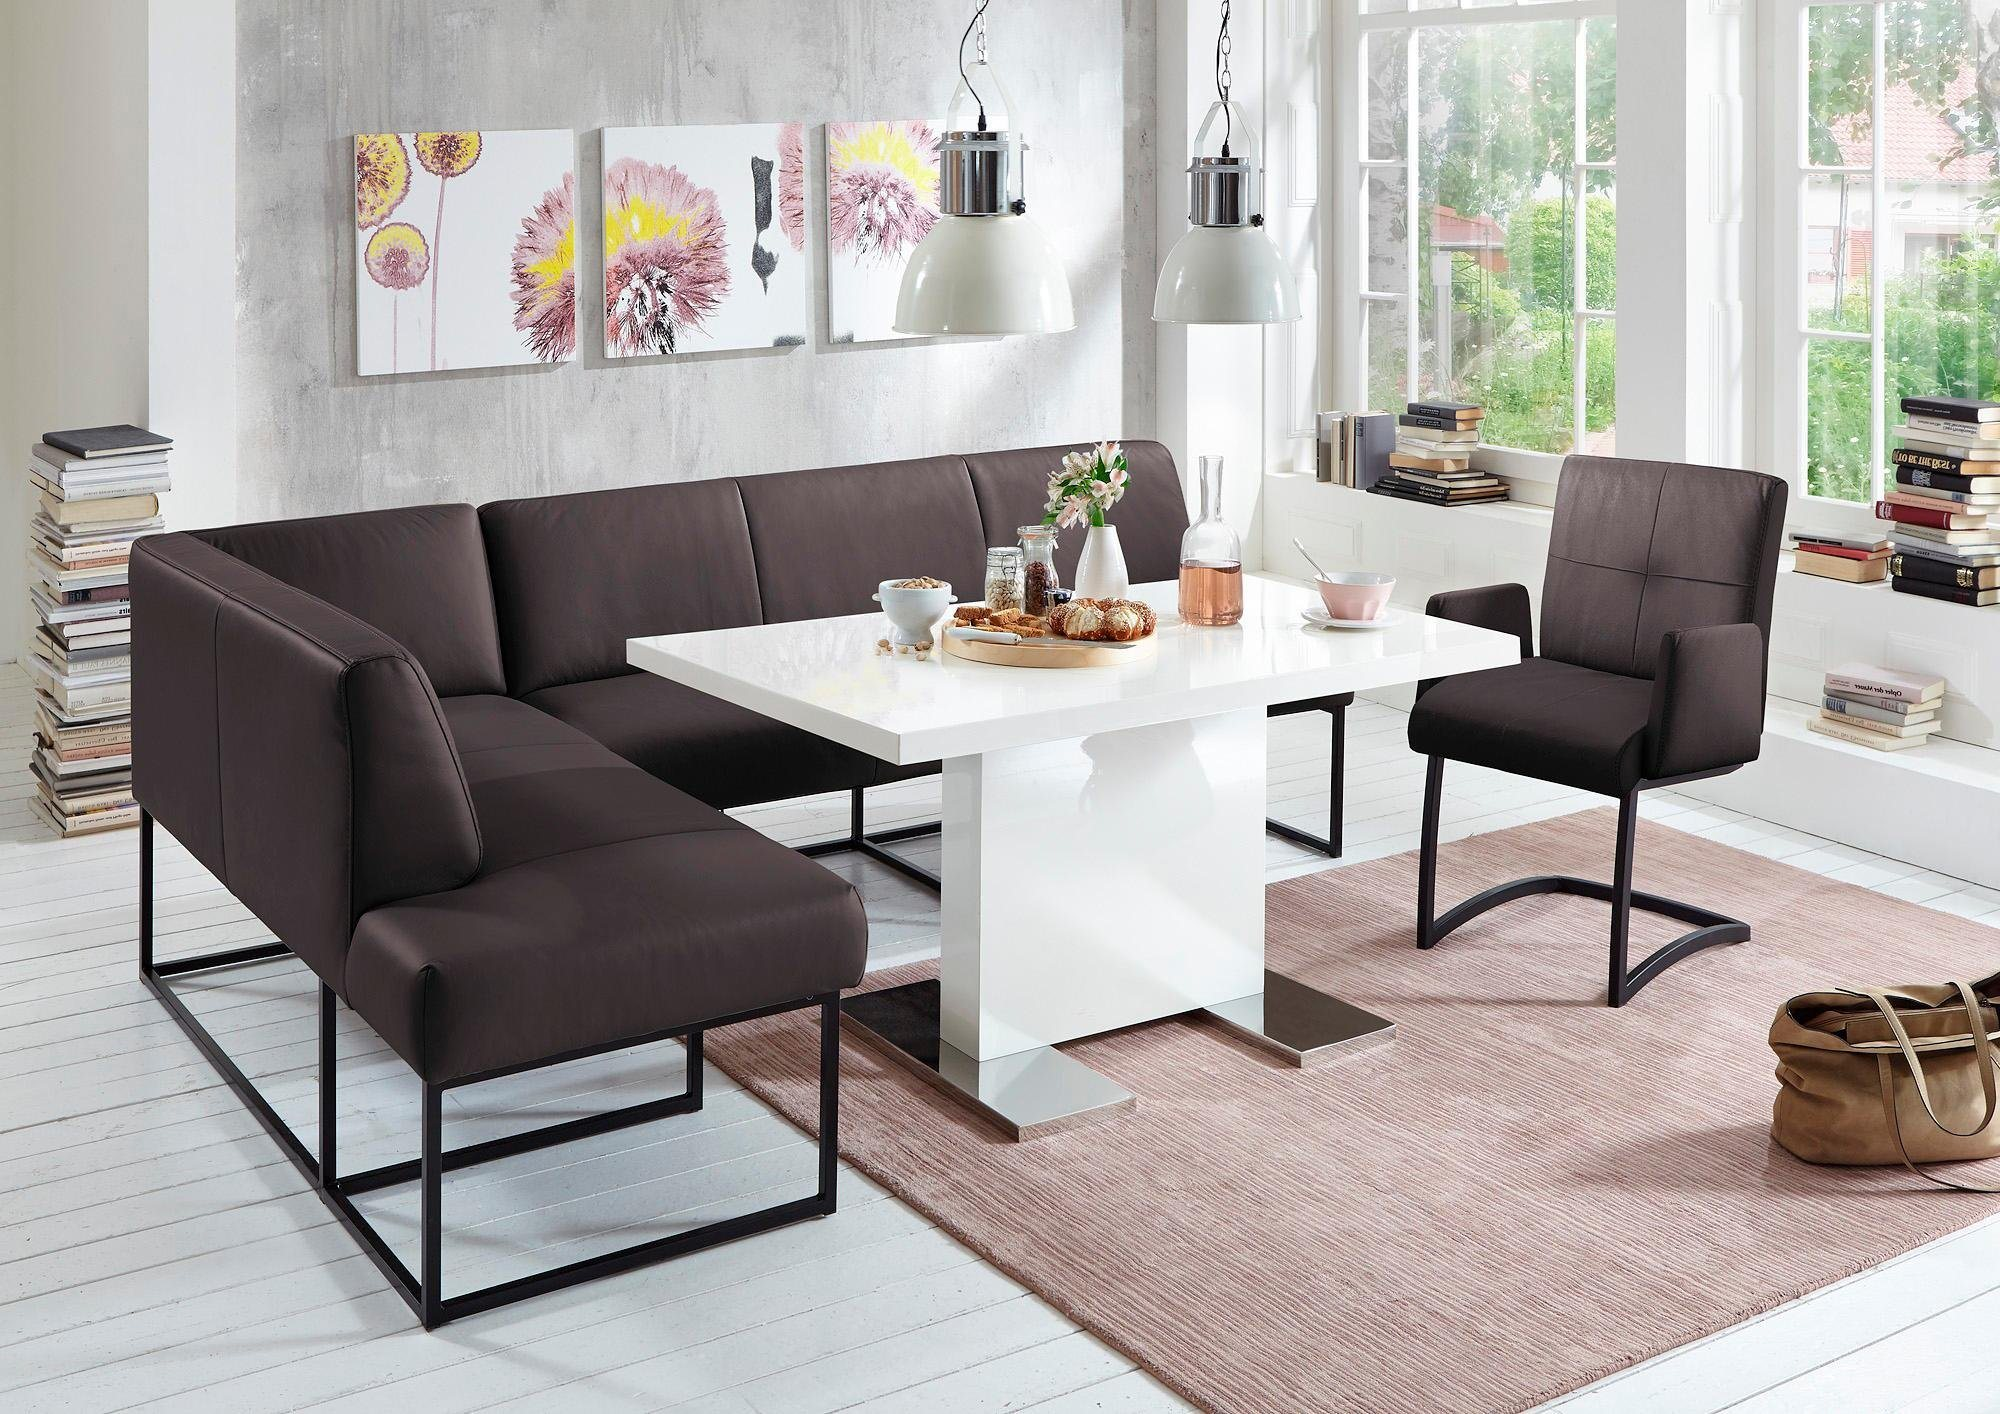 Eckbänke online kaufen | Möbel-Suchmaschine | ladendirekt.de